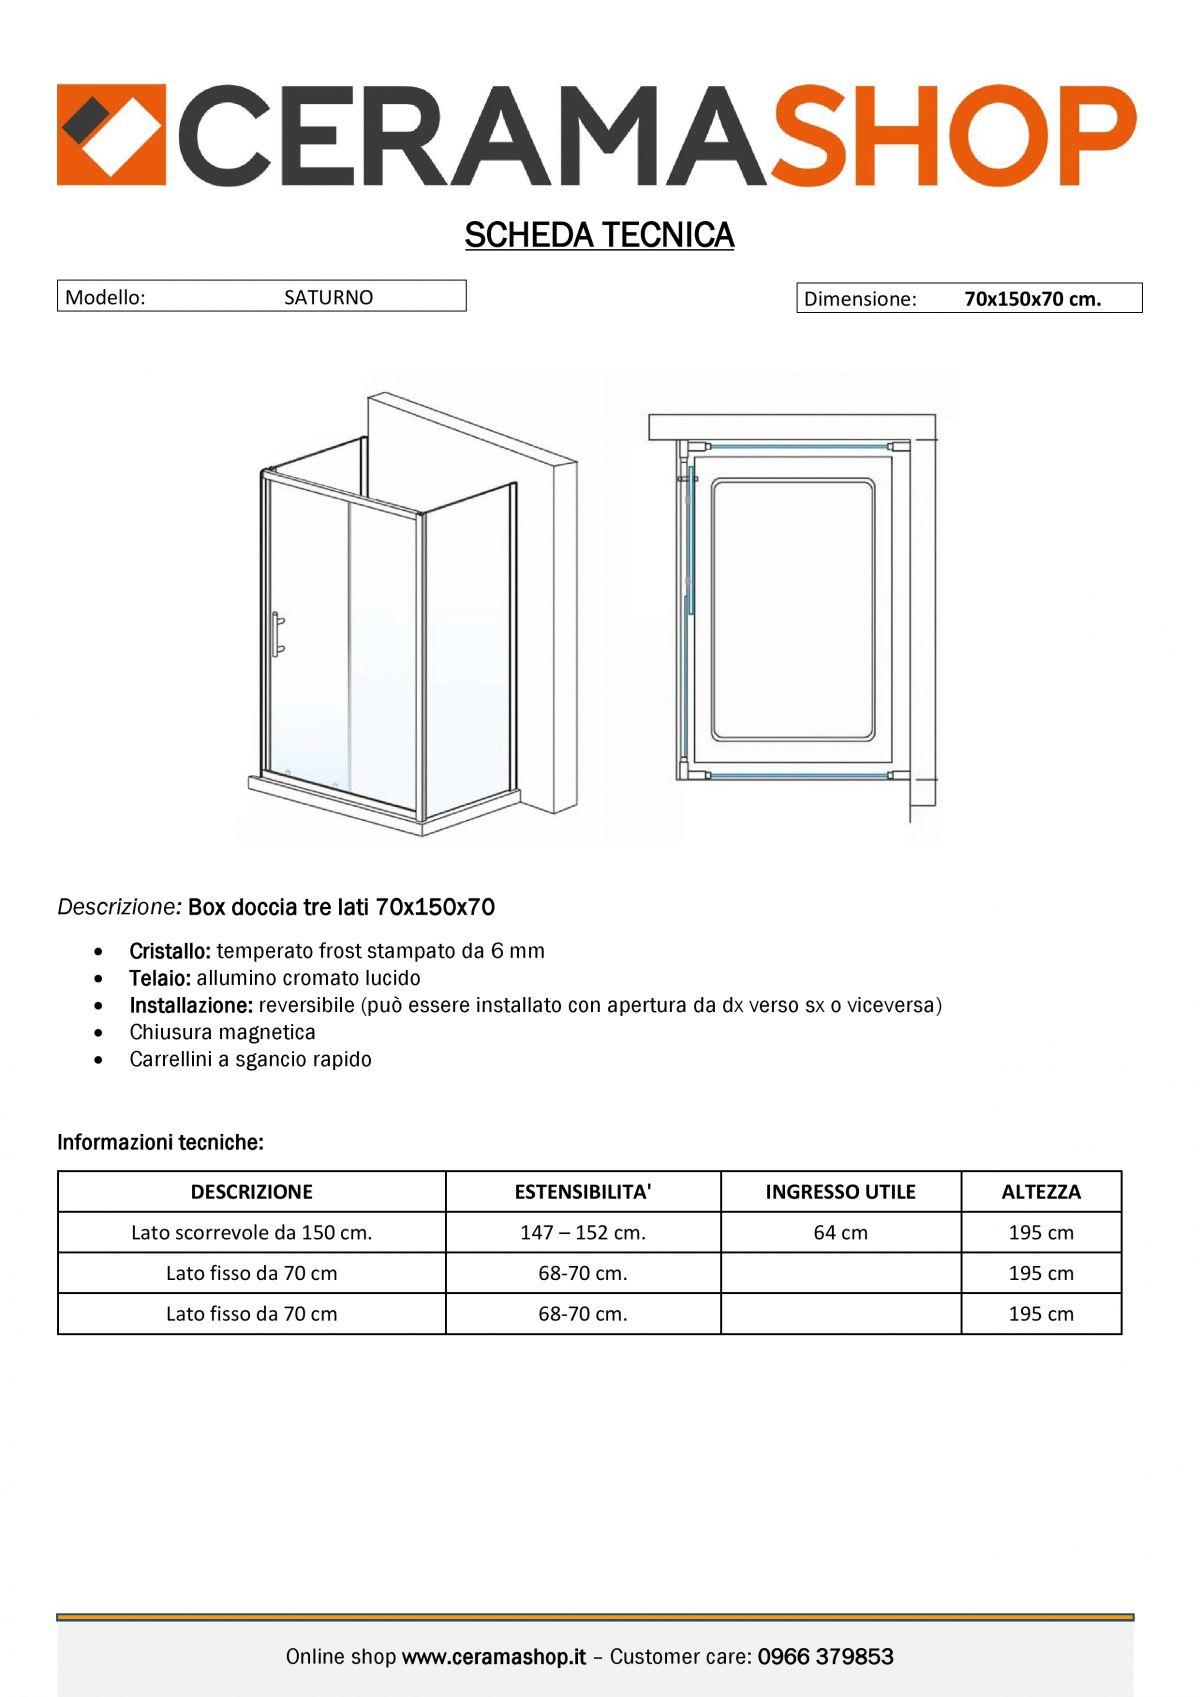 """70x150x70 000001 1 scaled Box Cabina doccia tre lati """"Saturno"""" 70x150x70 cm scorrevole cristallo satinato 6 mm"""